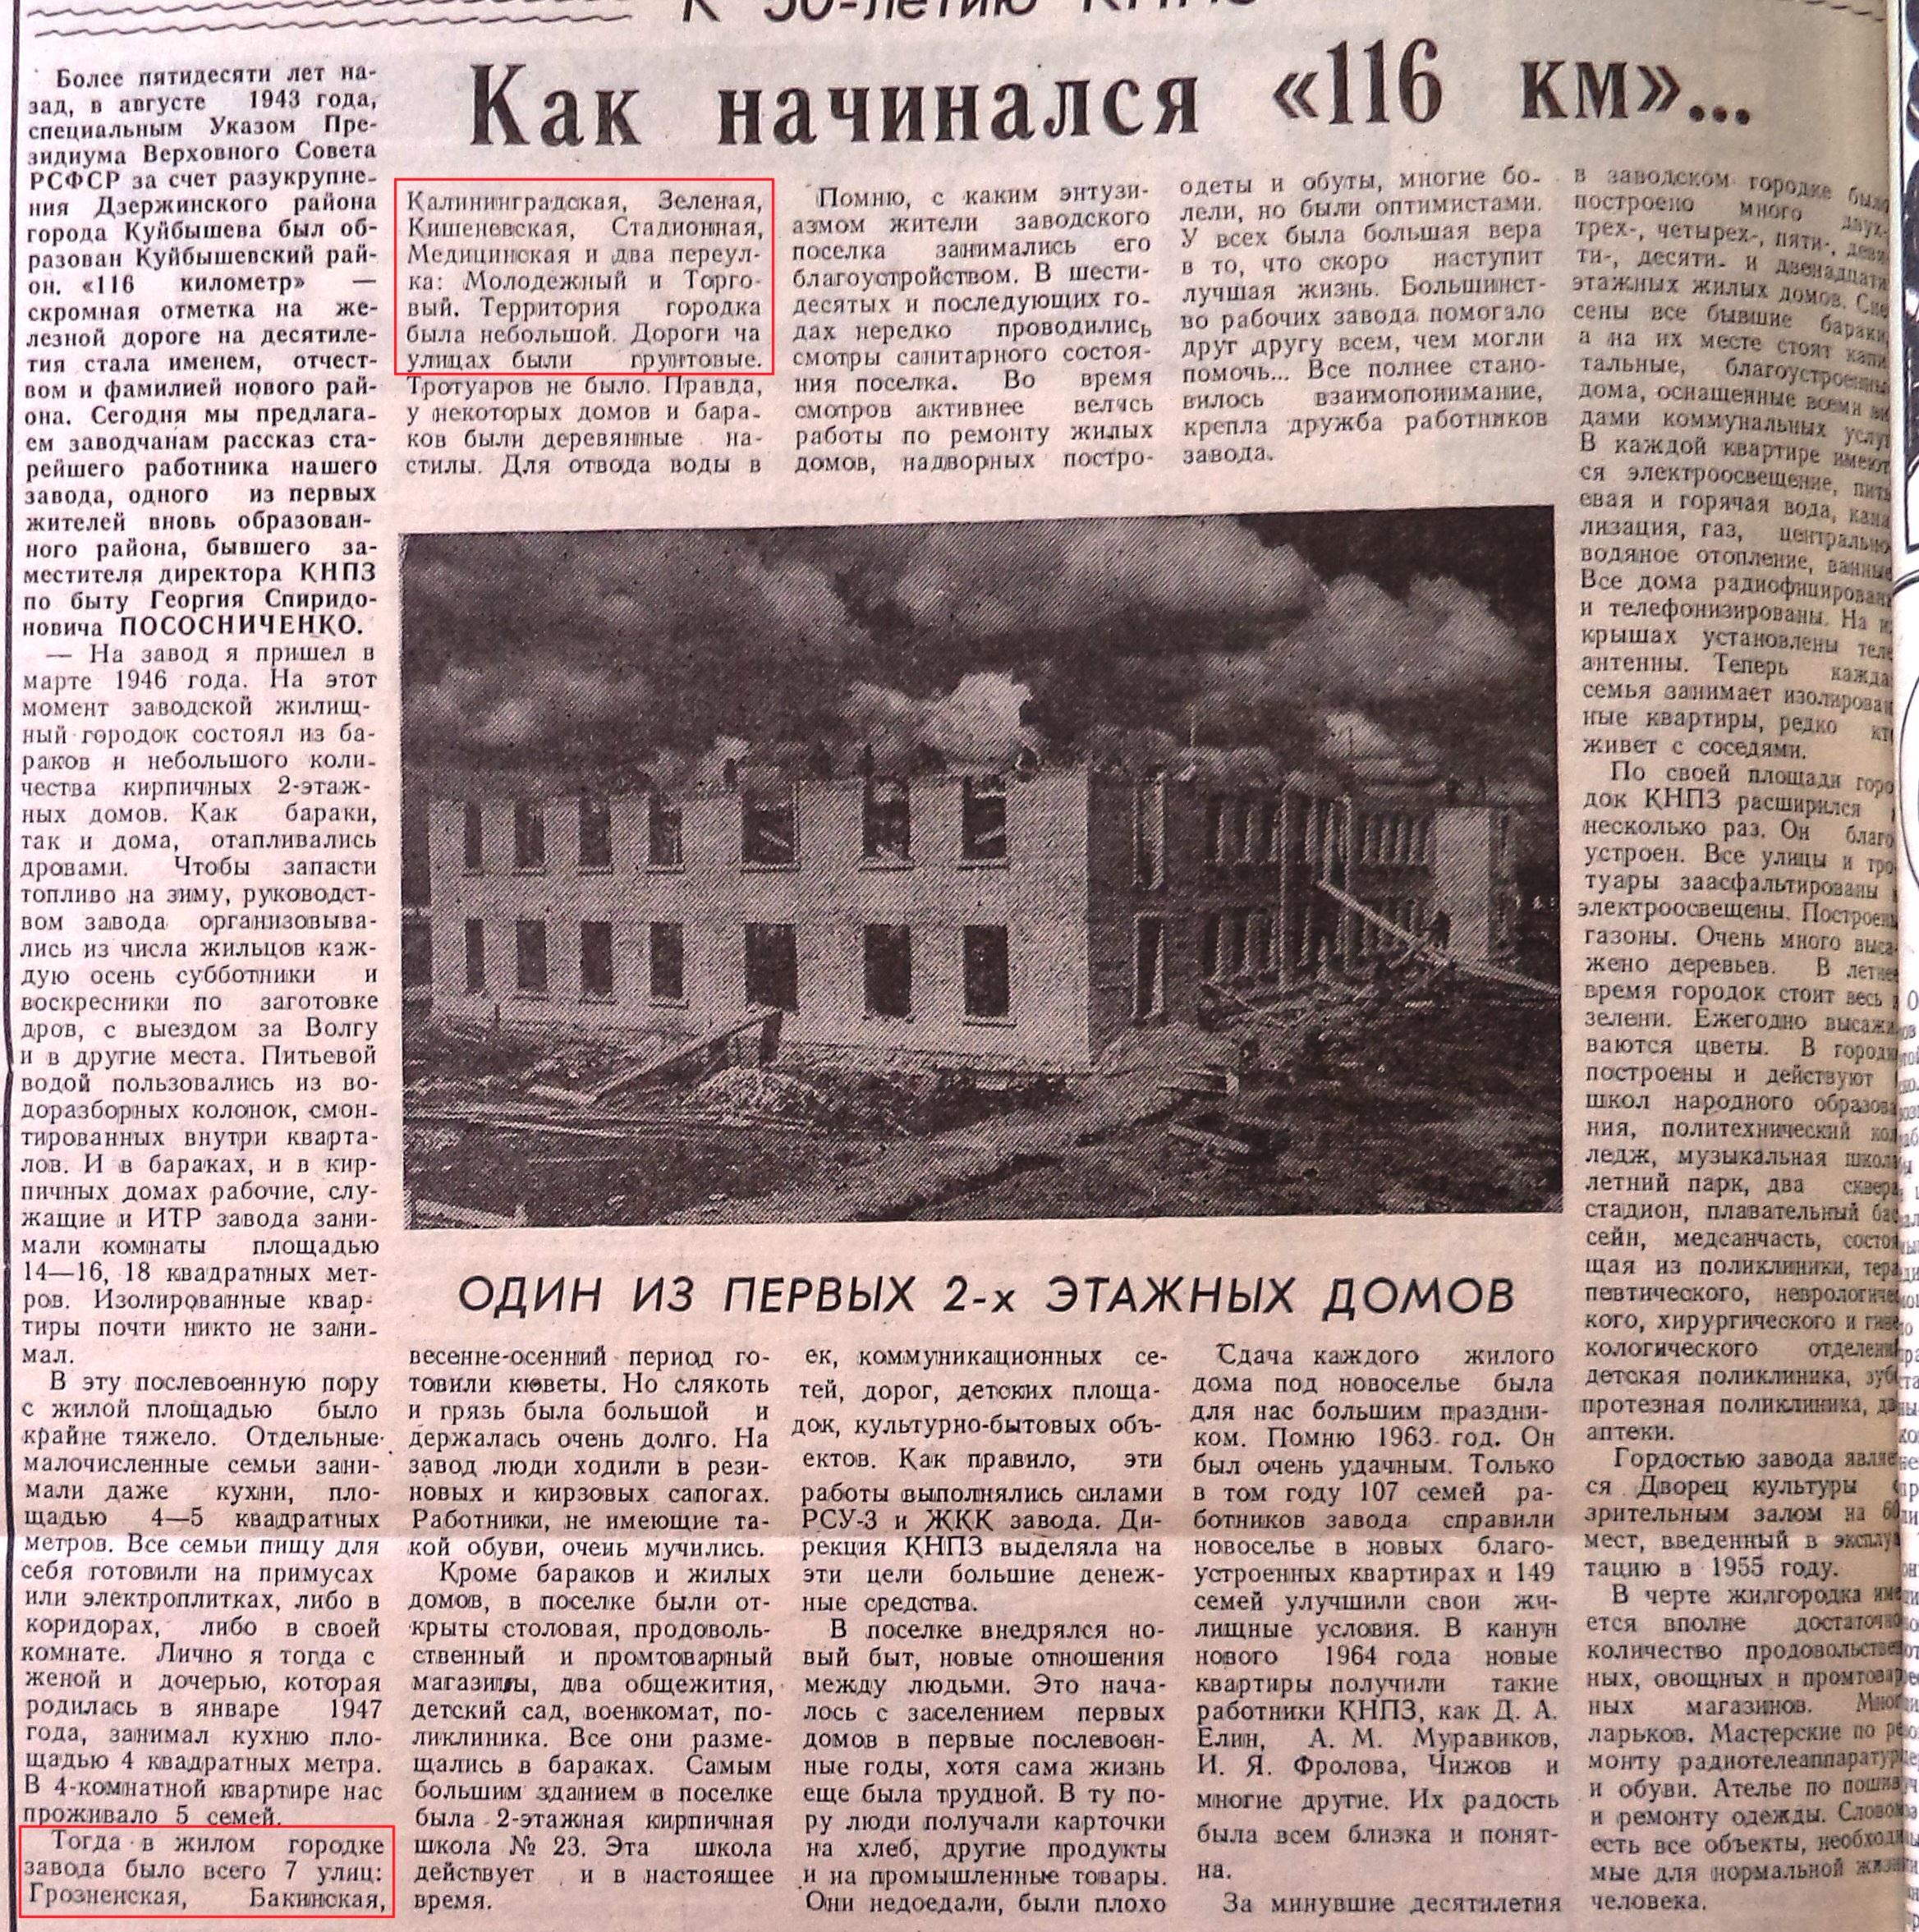 Медицинская-ФОТО-02-За Прогресс-1995-16 мая